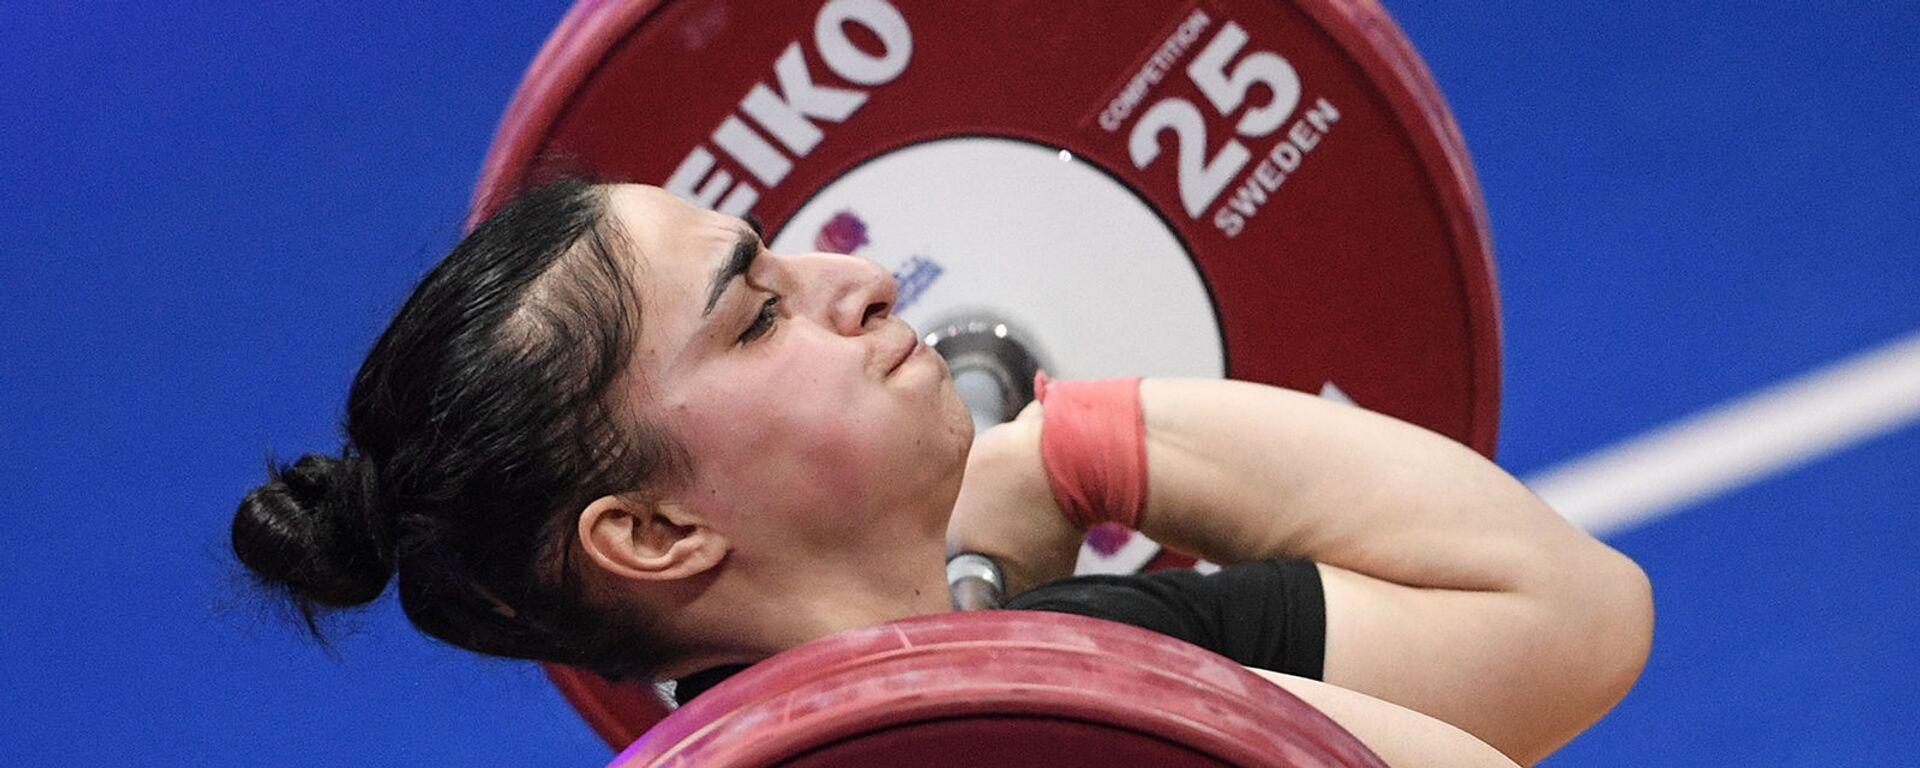 Лиана Гюрджян выступает на чемпионате Европы по тяжелой атлетике в весовой категории до 81 кг среди женщин (9 апреля 2021). Москвa - Sputnik Արմենիա, 1920, 29.05.2021